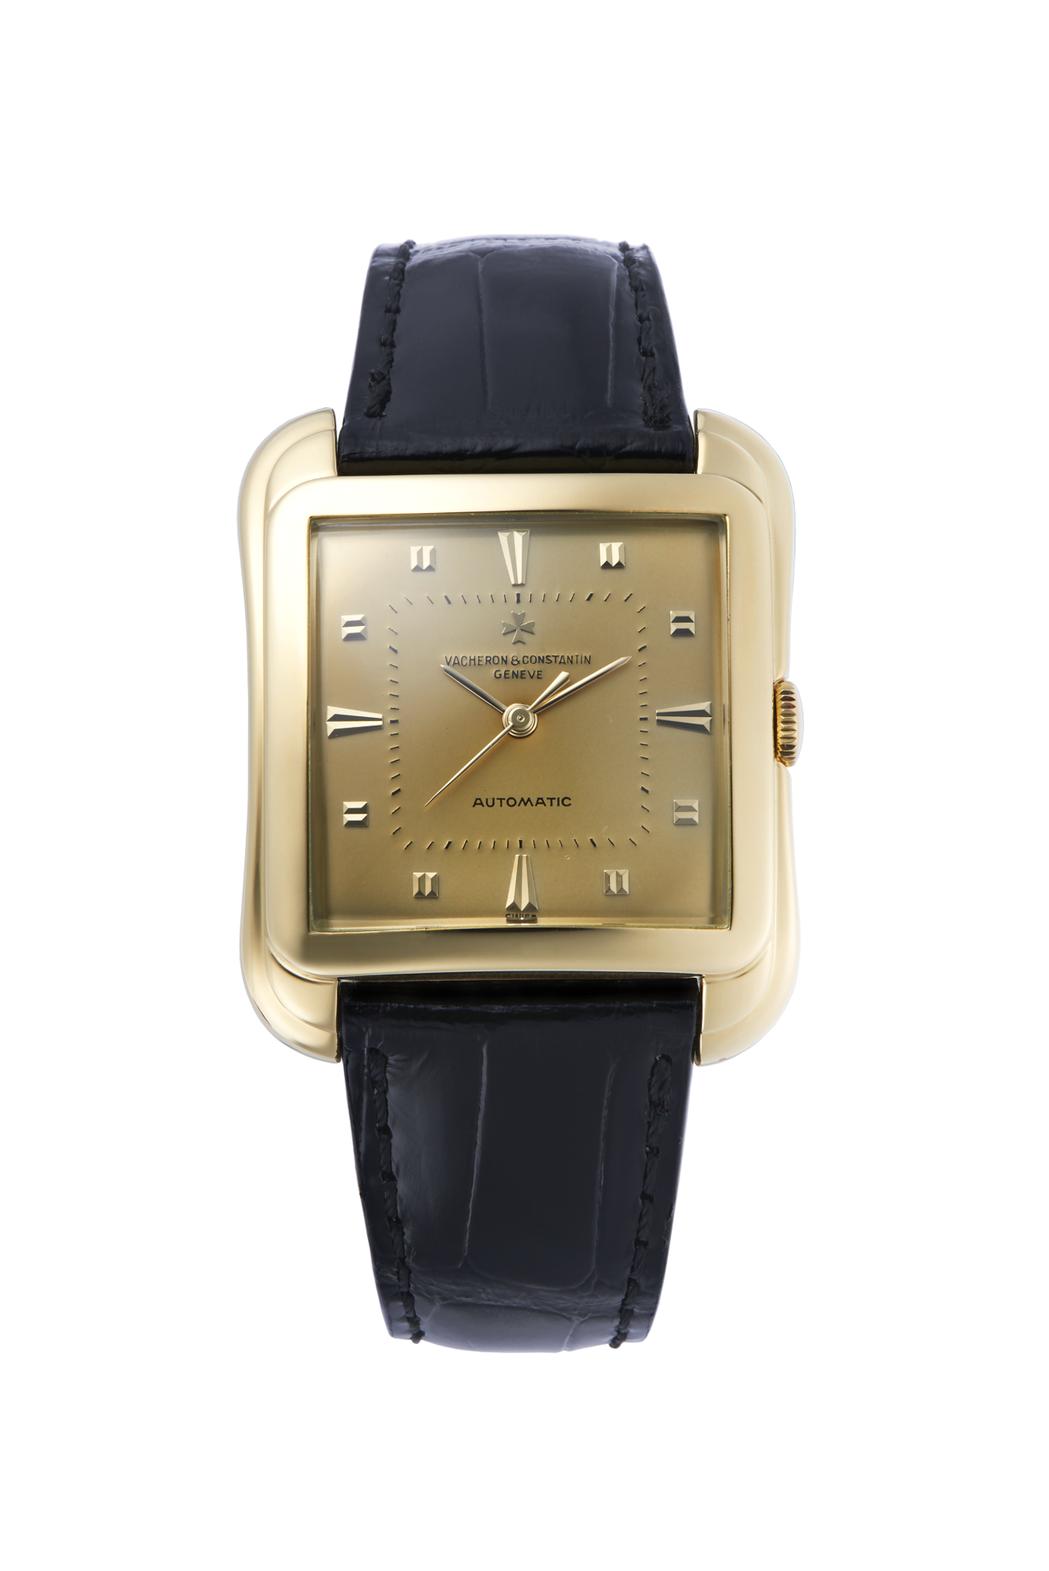 江詩丹頓編號編號11988,1957年生產18K黃金男表,造型獨特,被義大利藏家...